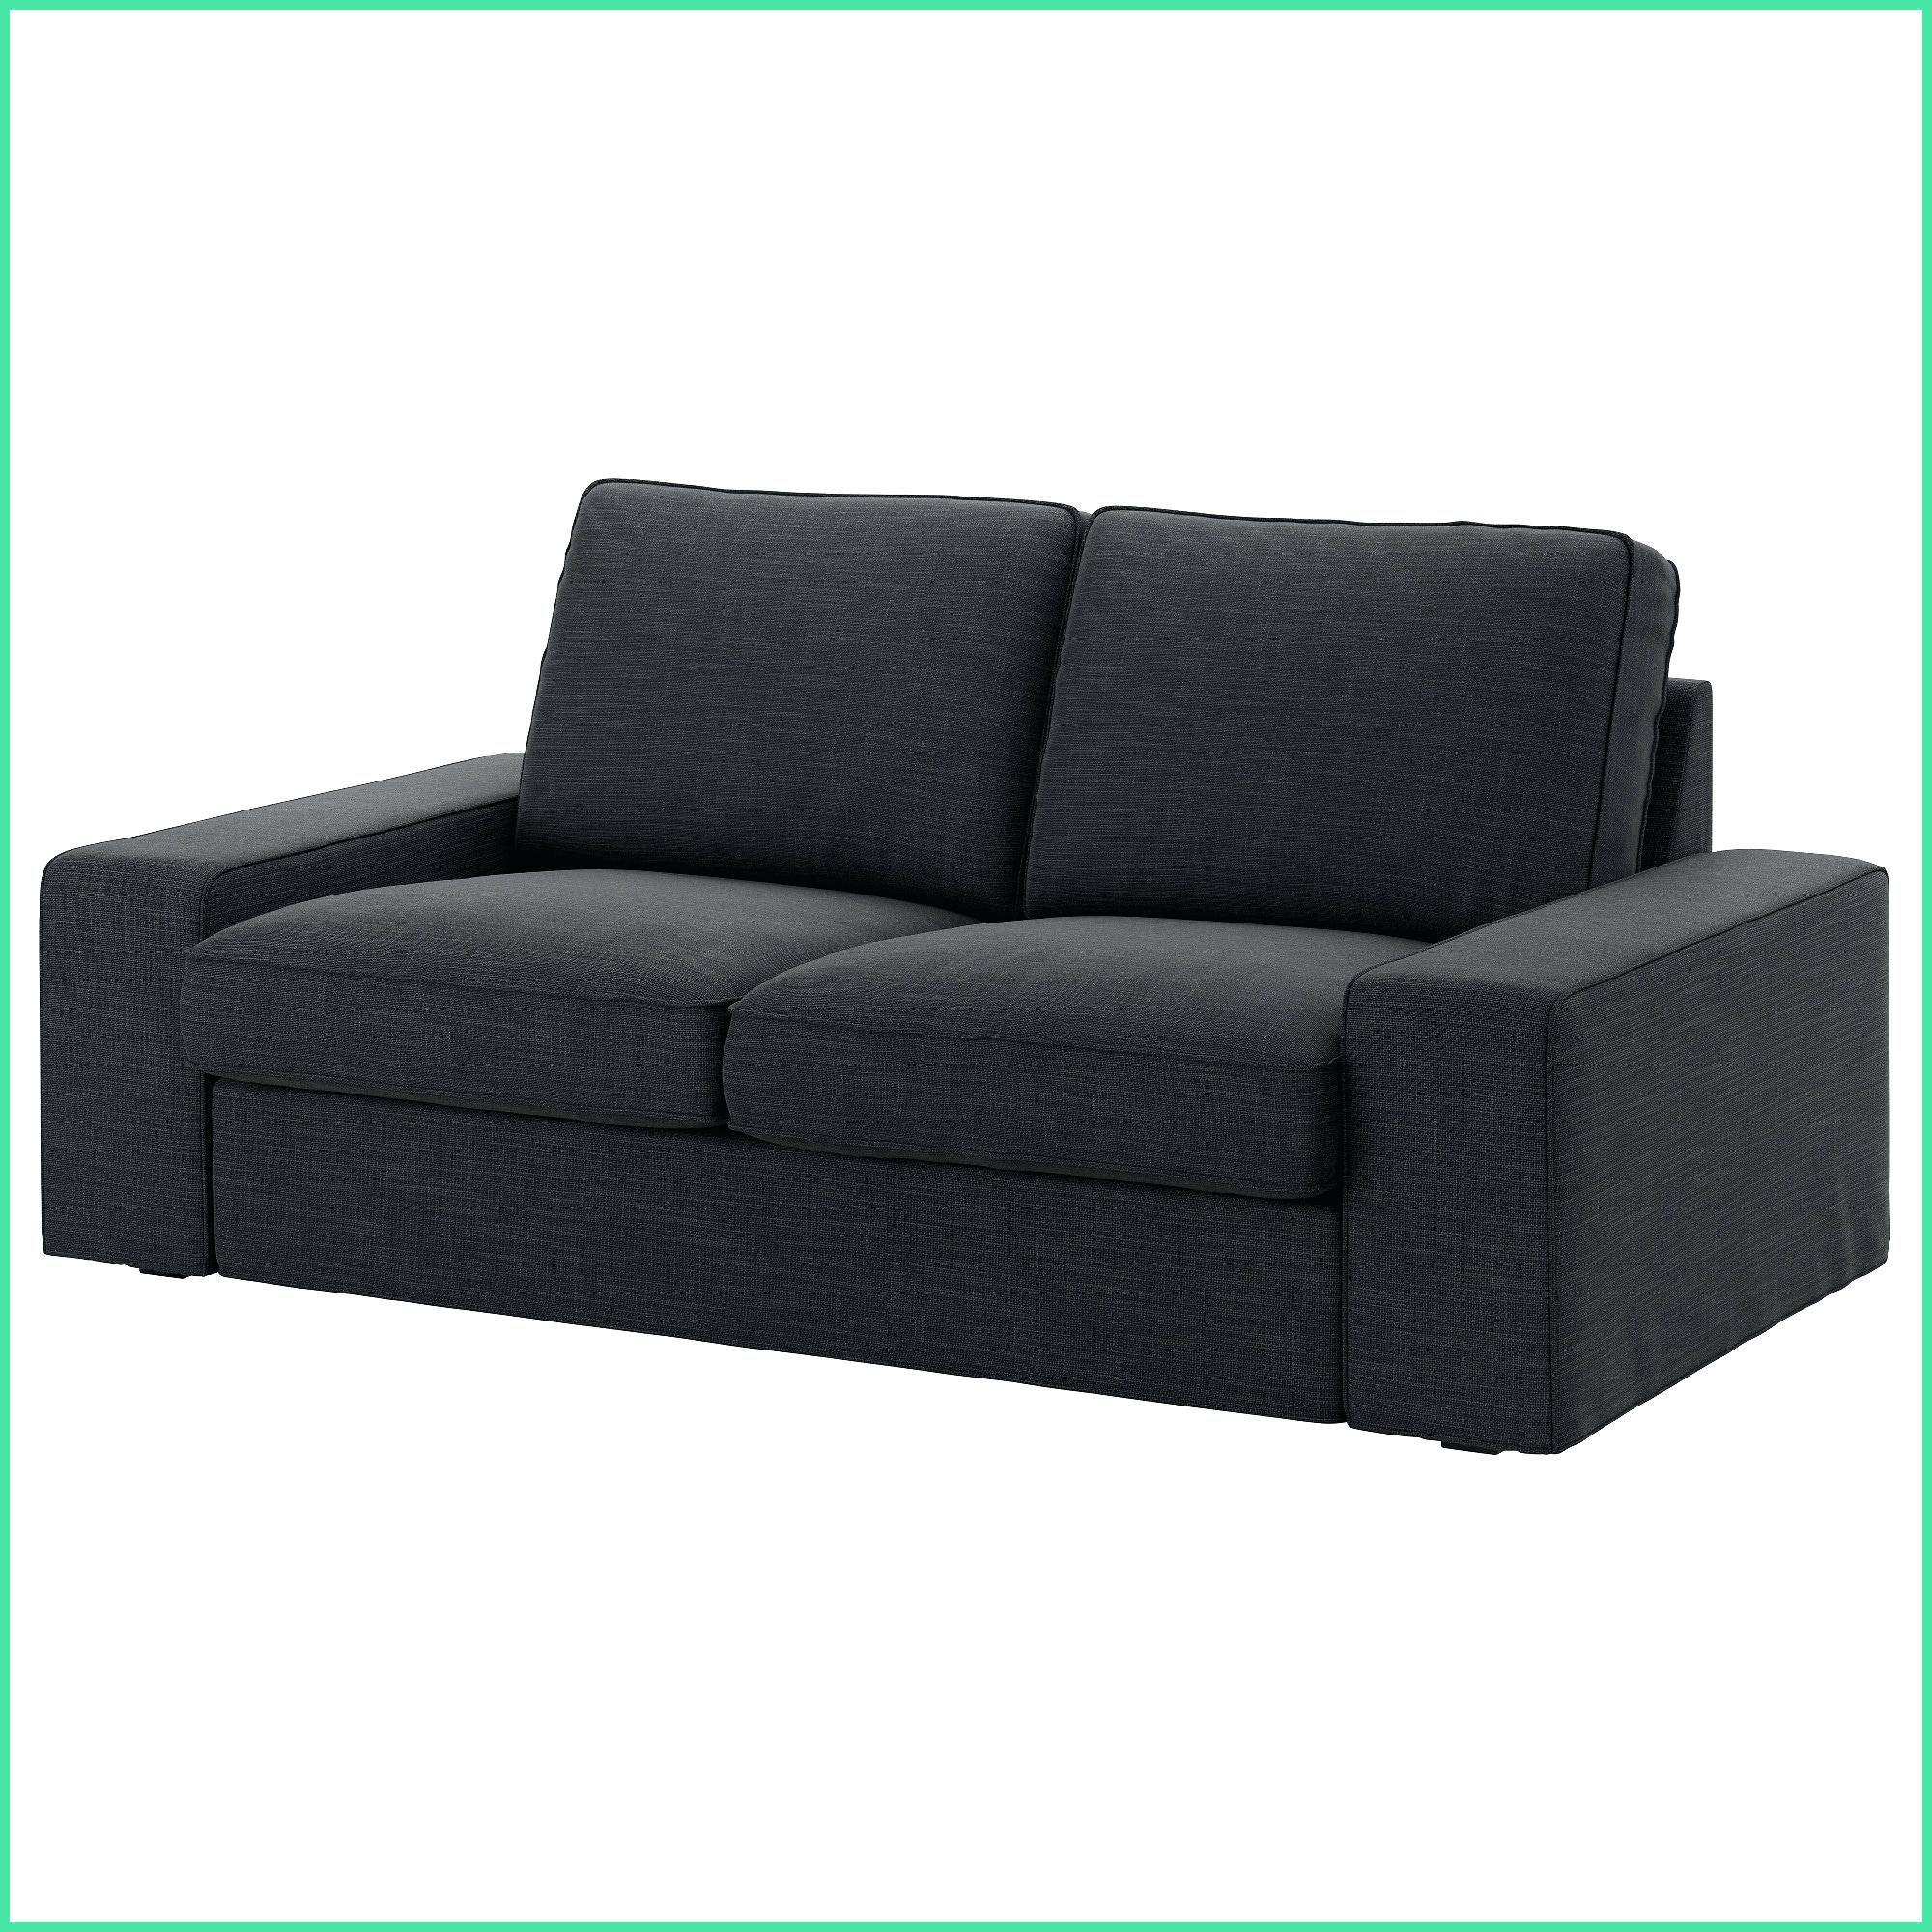 2 Er Schlafsofa Ikea Ektorp 2er Sofa Bezug Mit Bettkasten